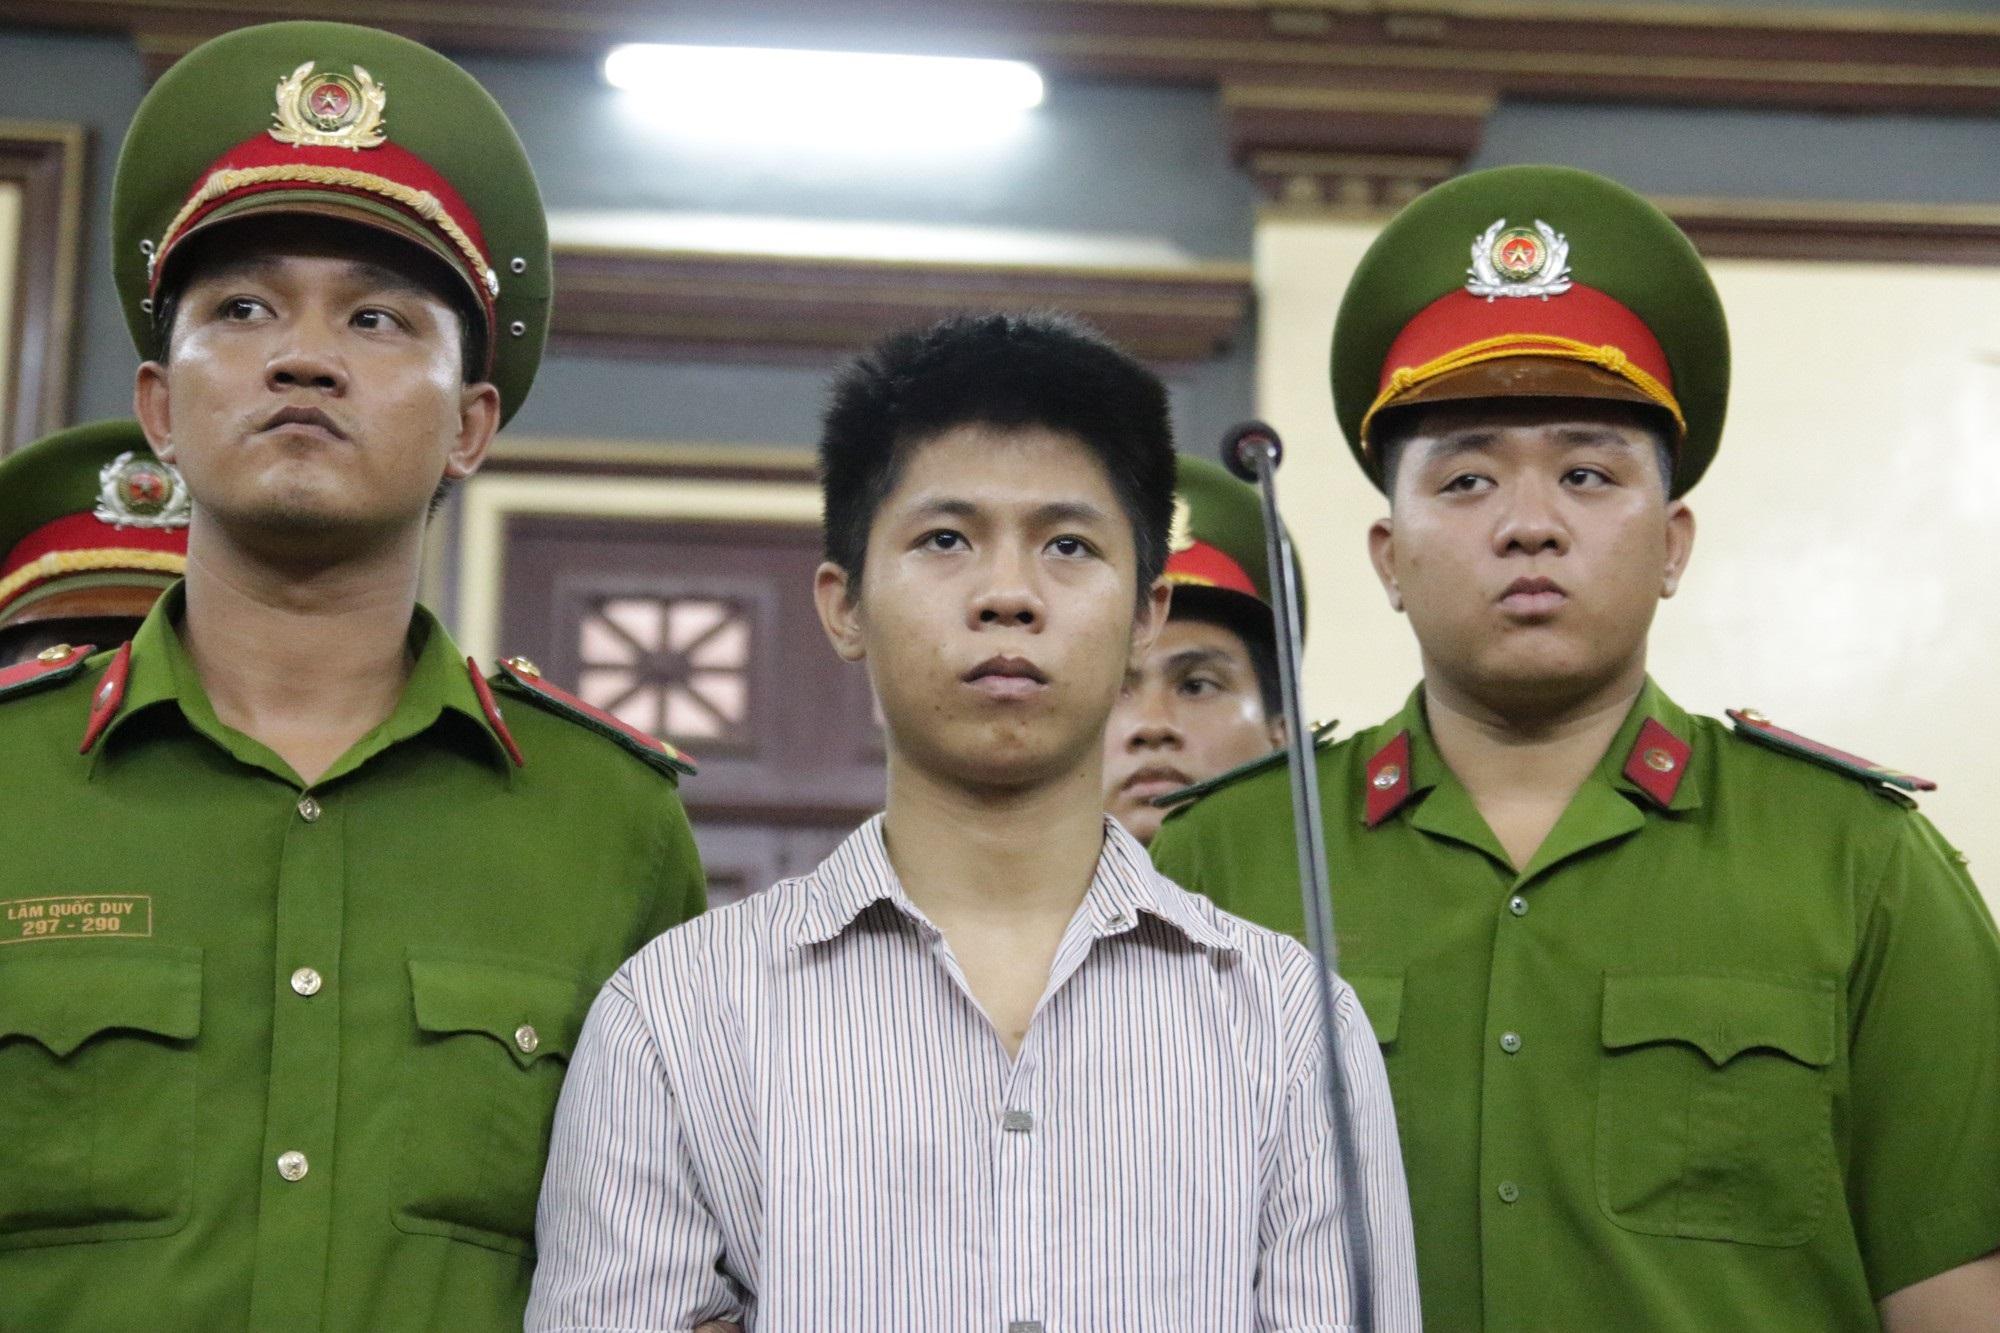 Bà nội bé gái bị tạt axit năm 7 tuổi vì mẹ 'giật chồng' người khác: Tôi muốn xin đôi mắt của tử tù Nguyễn Hữu Tình để cứu cháu - Ảnh 4